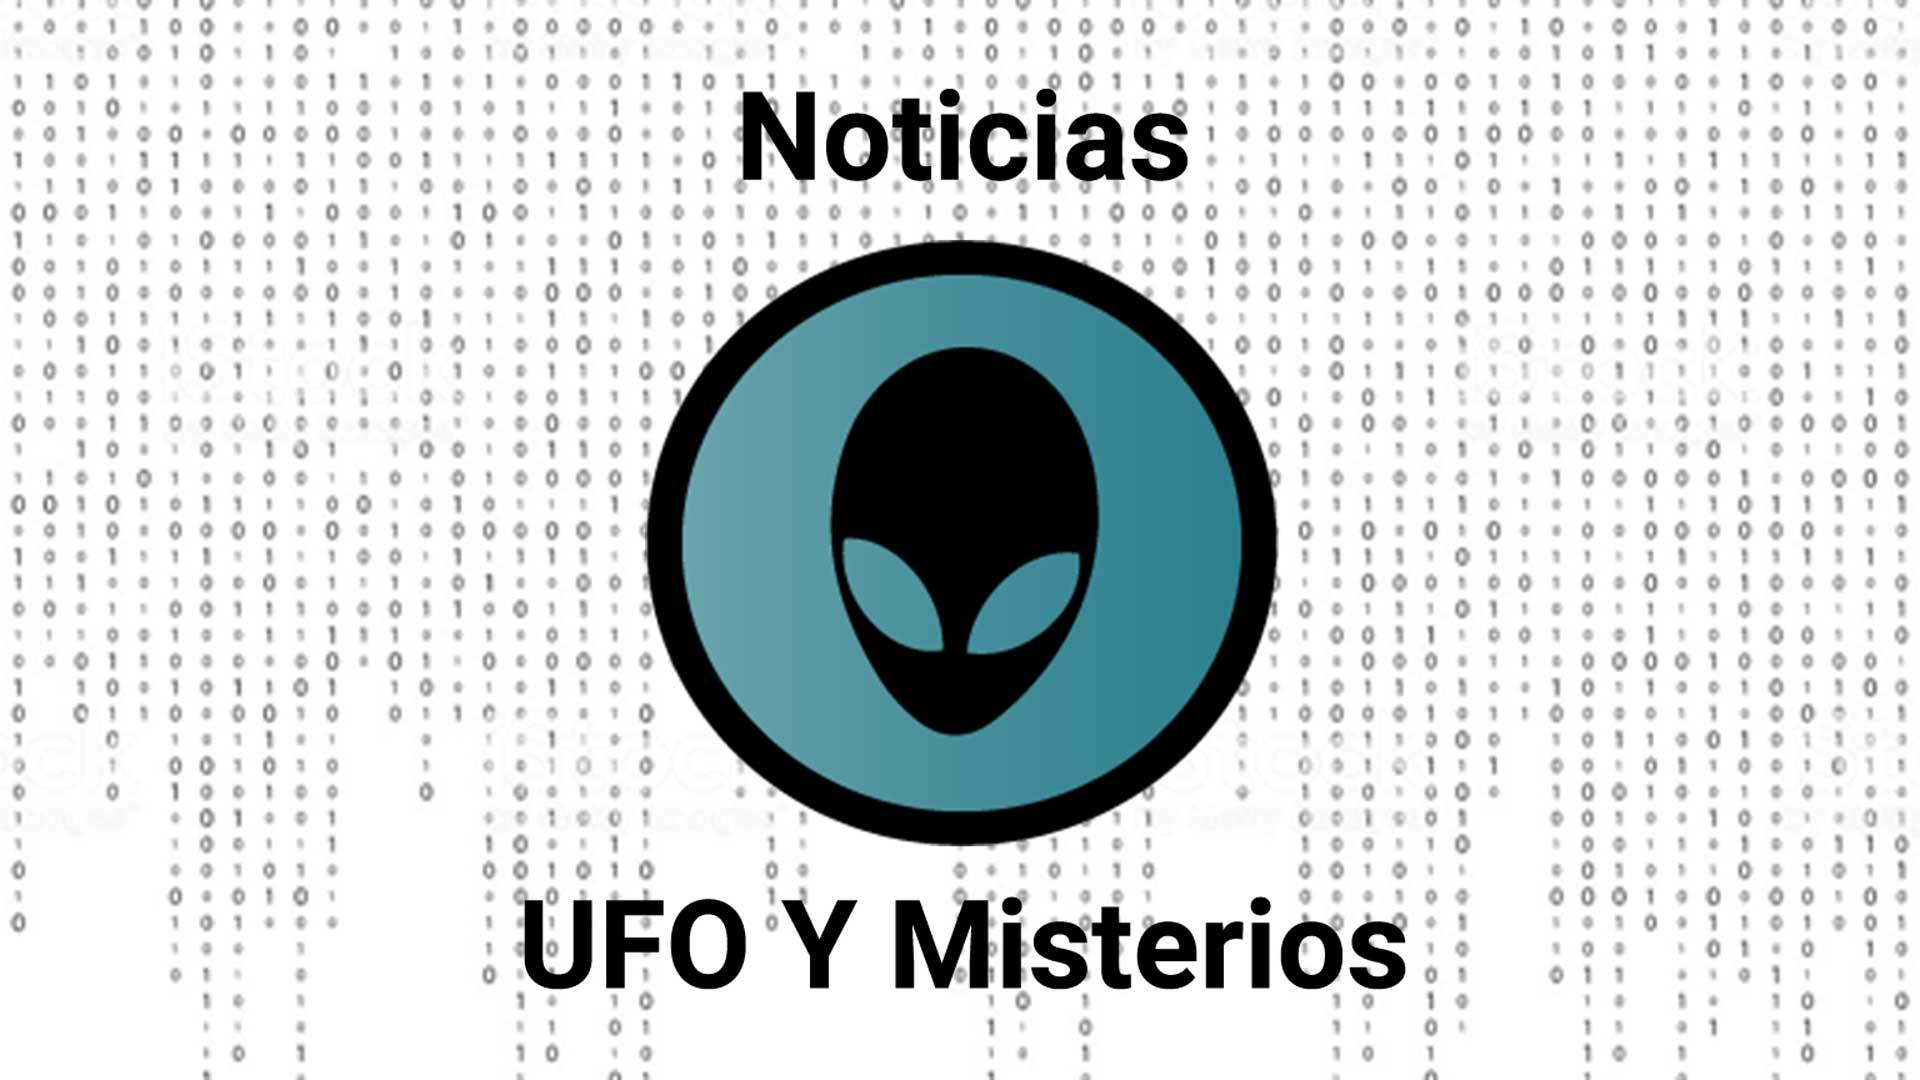 Adiós a la censura. UFO Viral ya dispone de un nuevo método de comunicación con vosotros